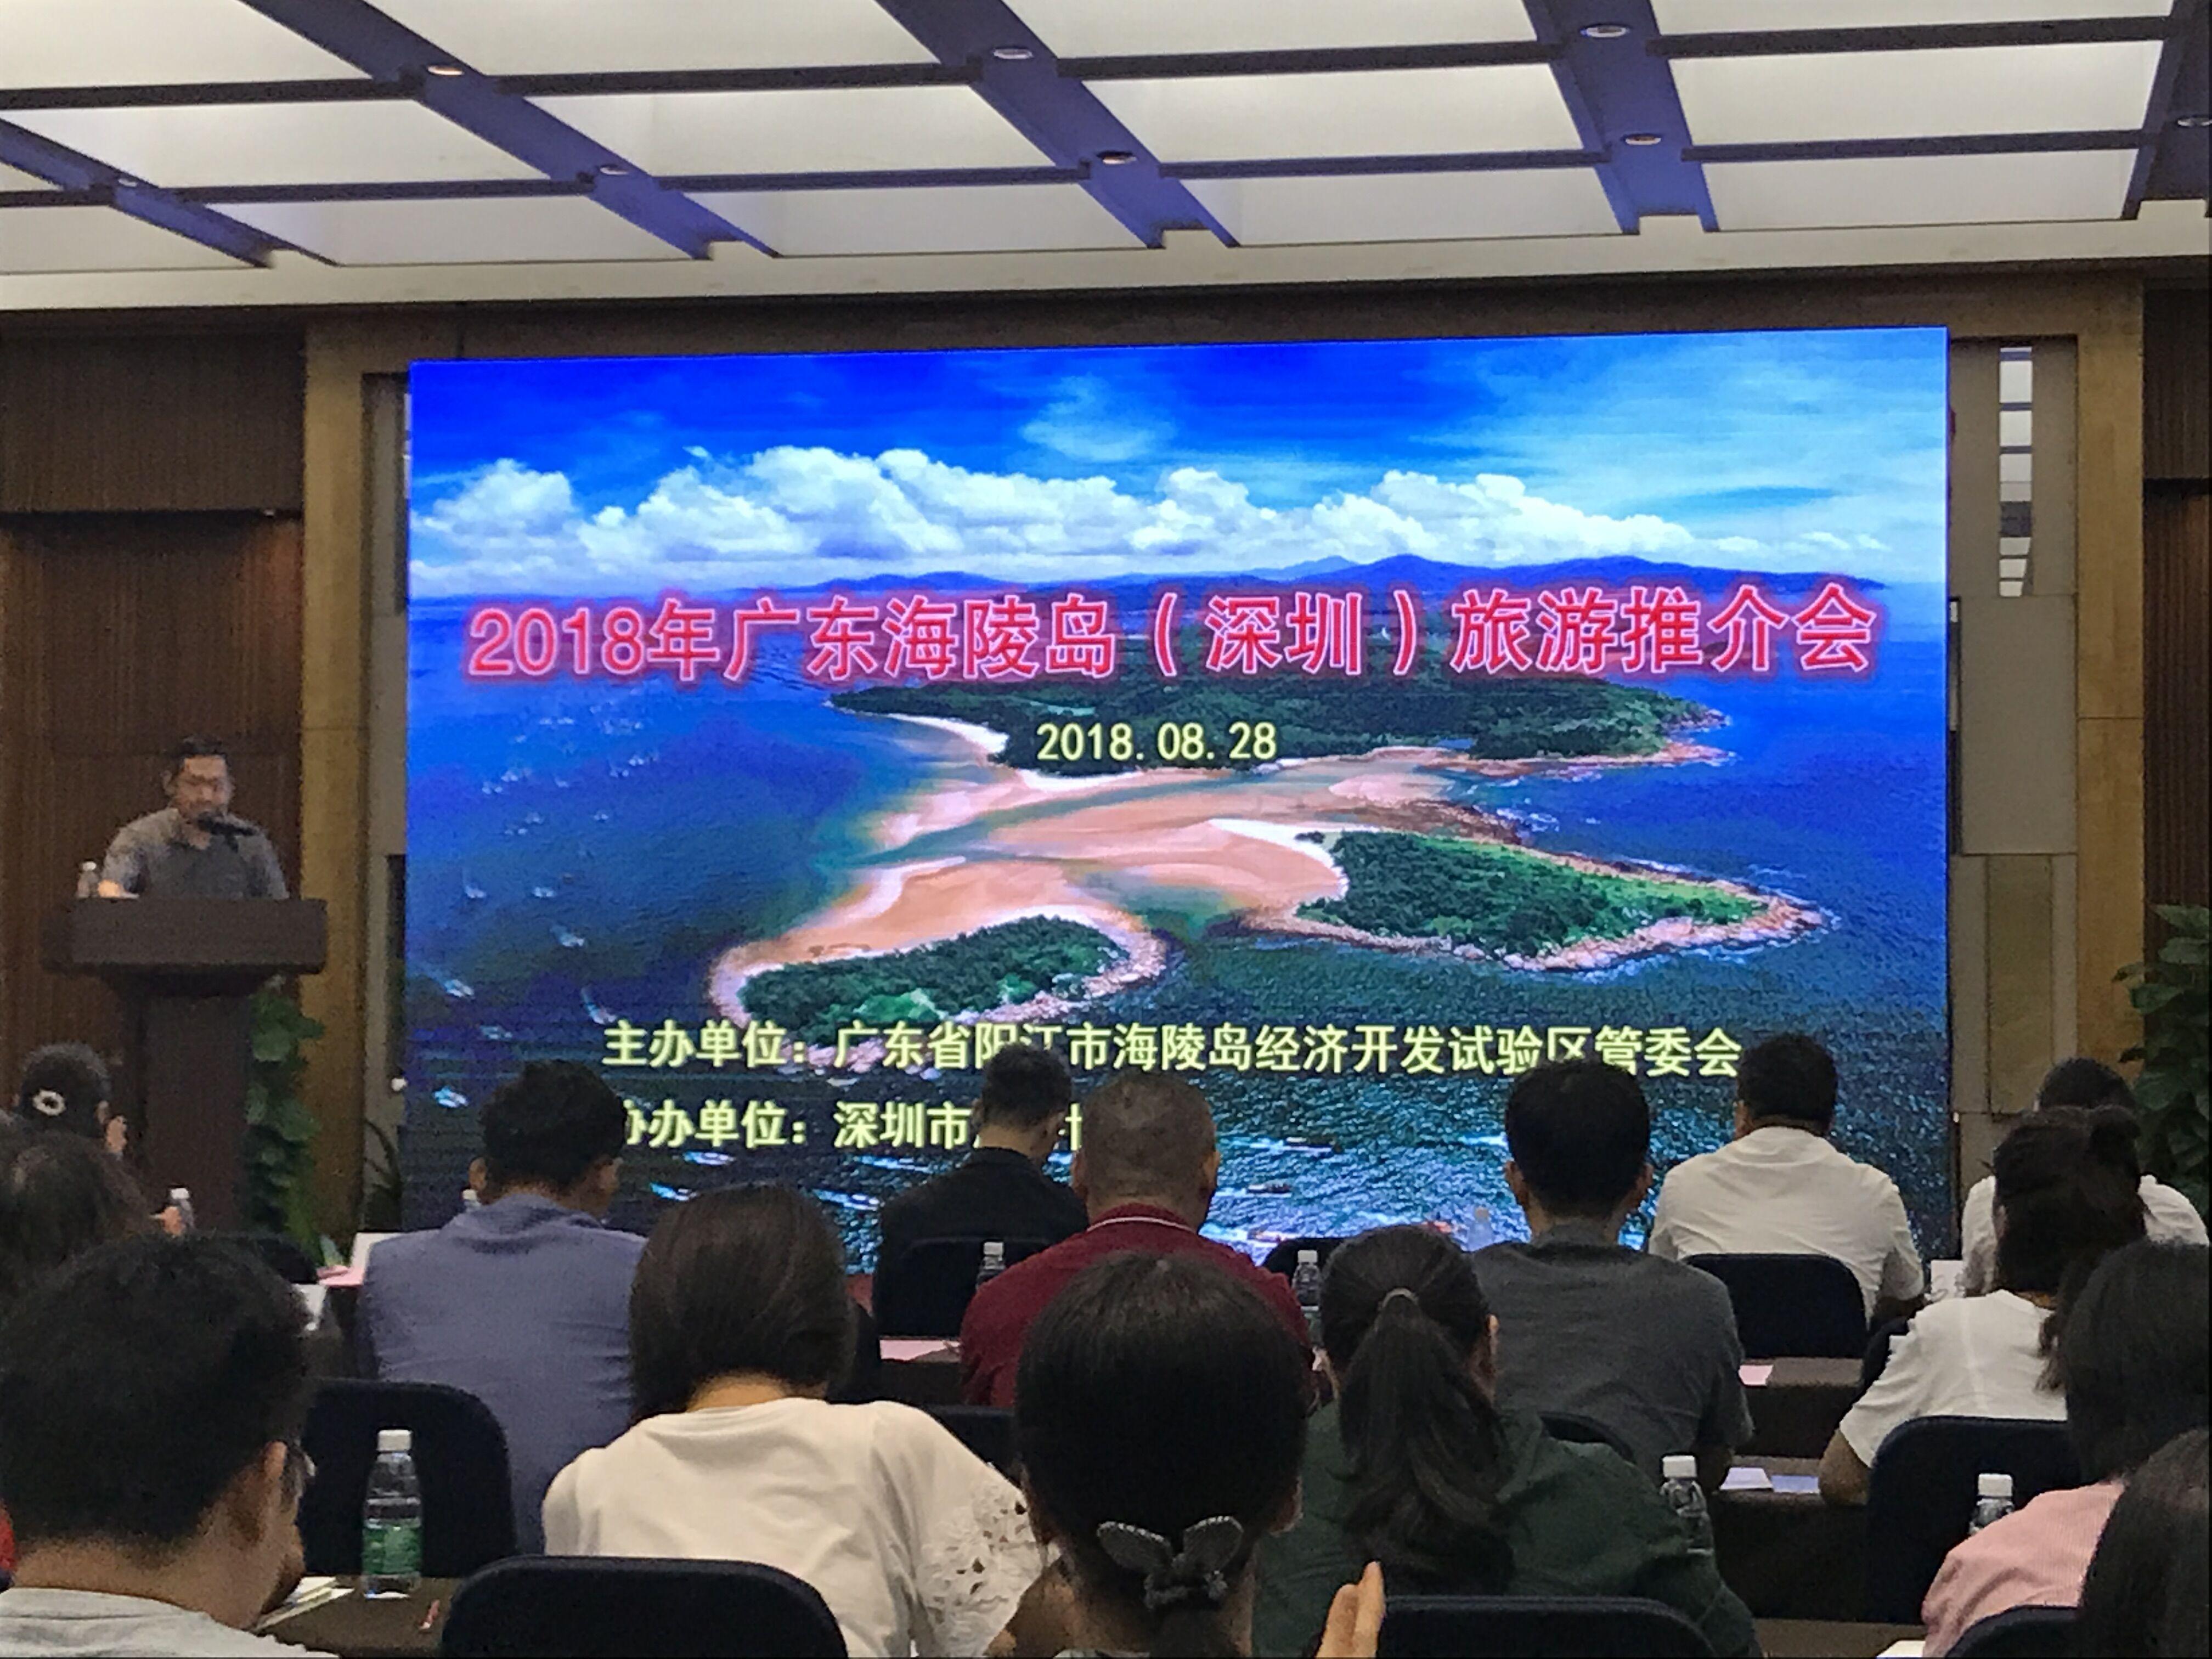 广东海陵岛来深圳推介优美的海岛风光